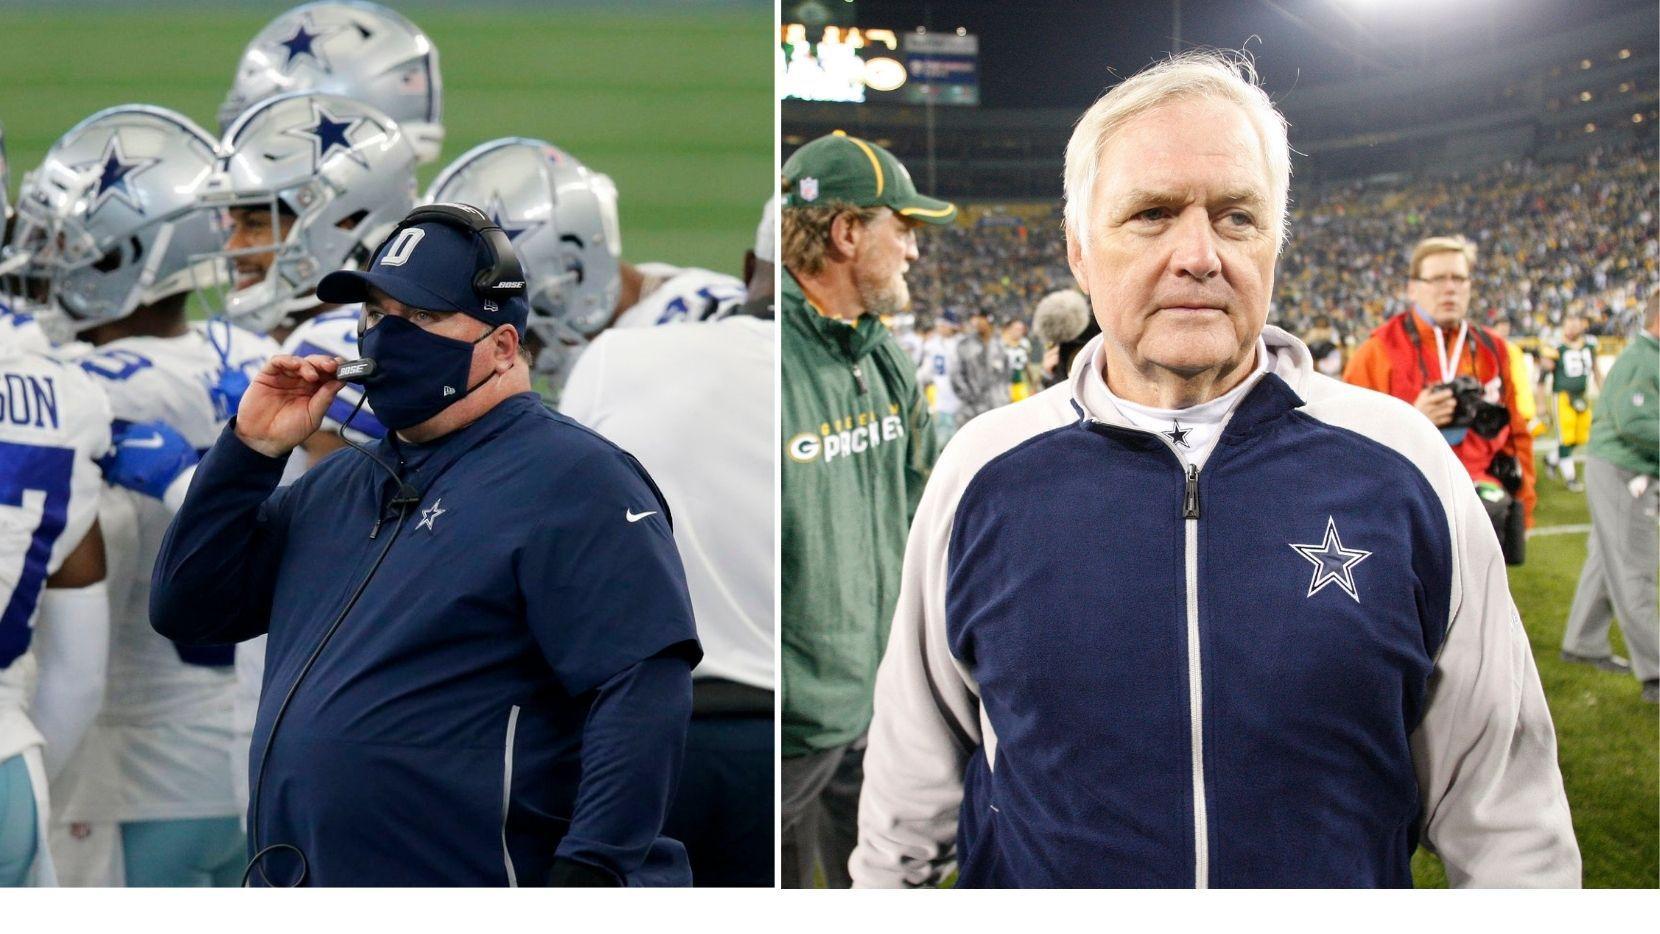 El actual entrenador en jefe de los Dllas Cowboys, Mike McCarthy (izq) ha hecho recordar la mala temporada que le costó el puesto a Wade Phillips (der) en la temporada 2010.